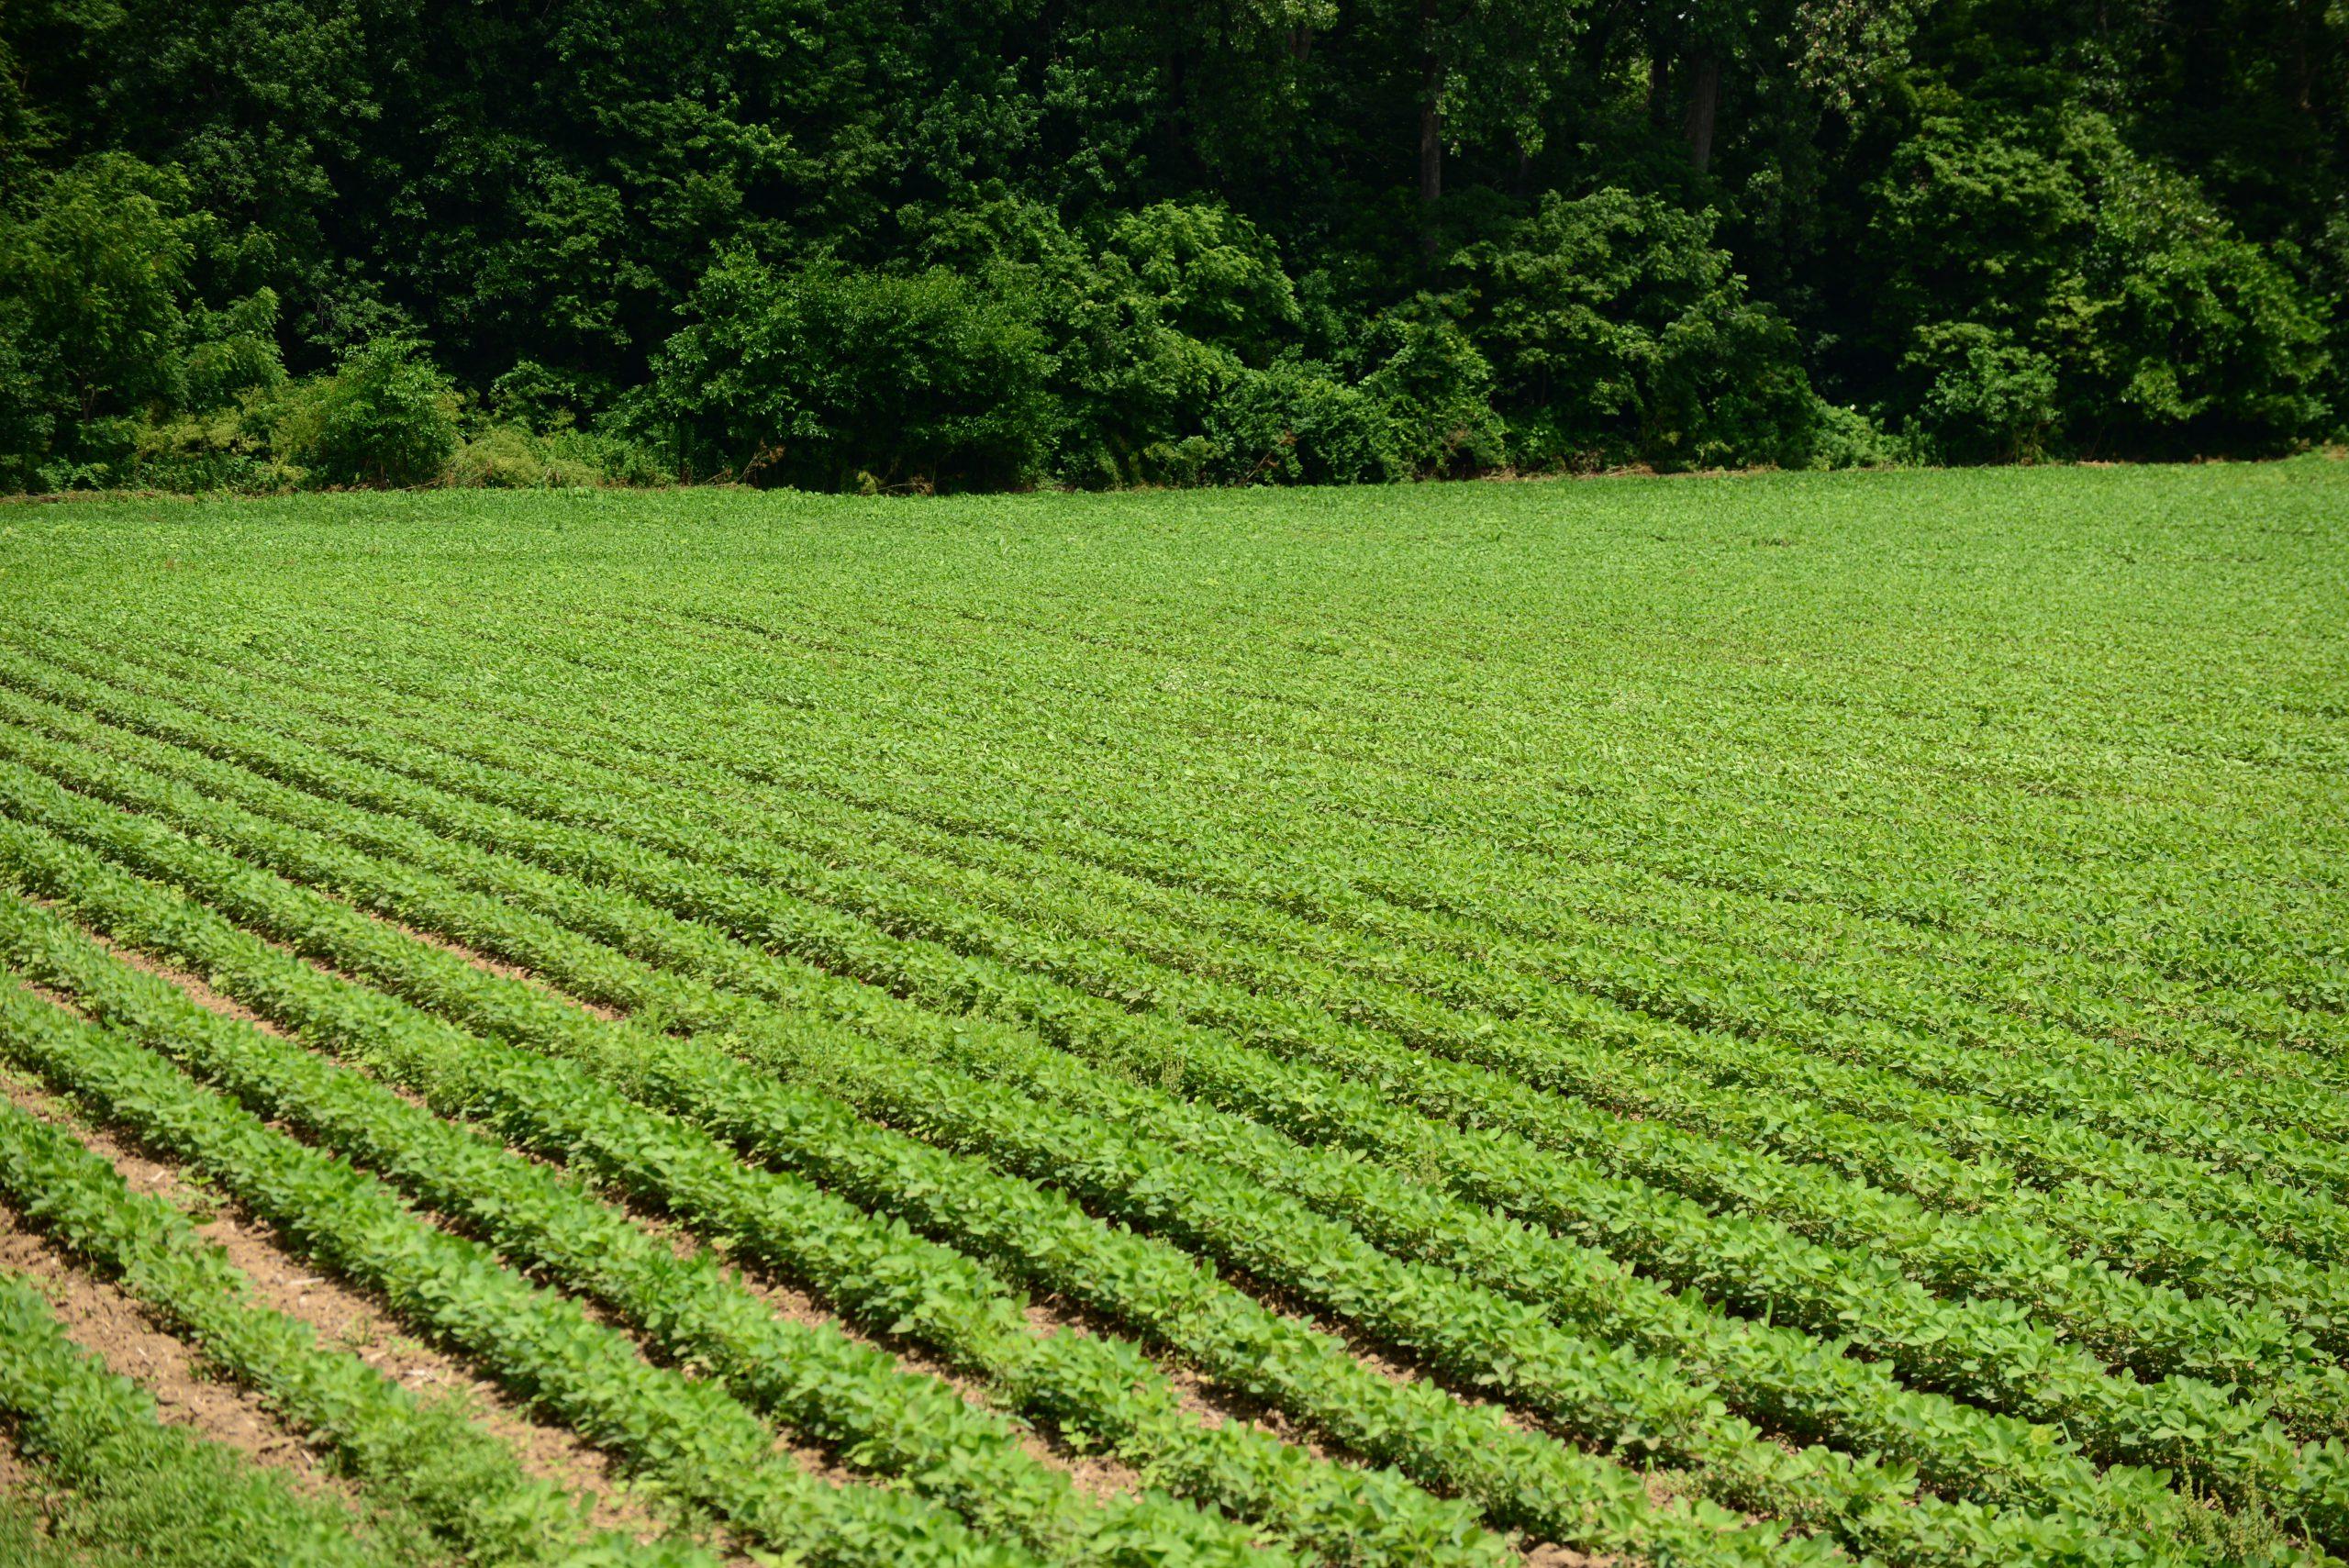 XtendiMax, soybeans, XtendFlex